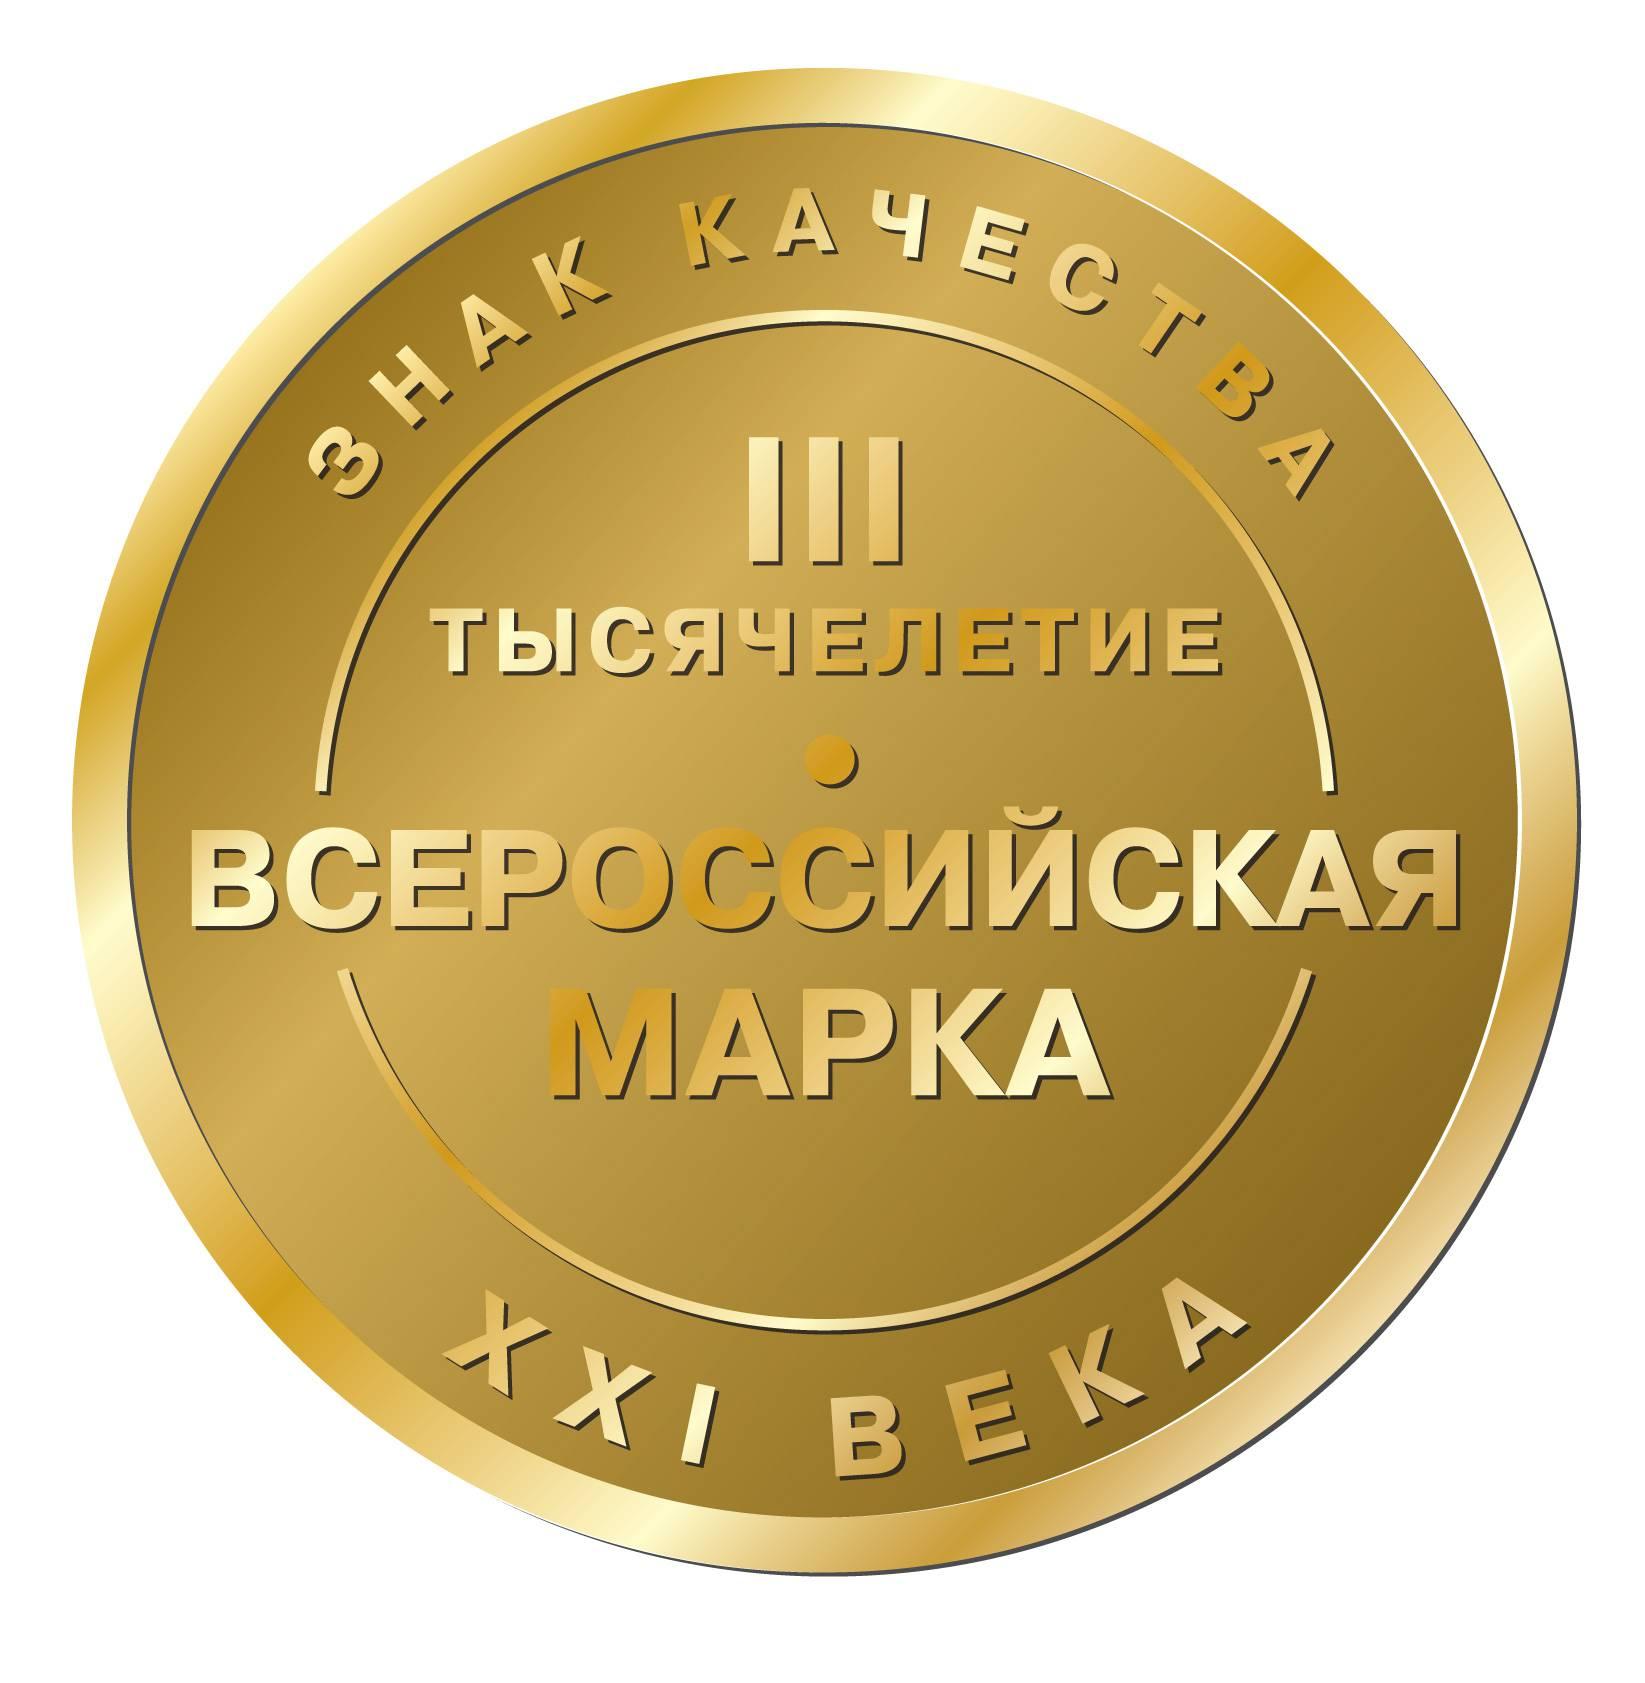 Всероссийская марка. Знак качества XXI века